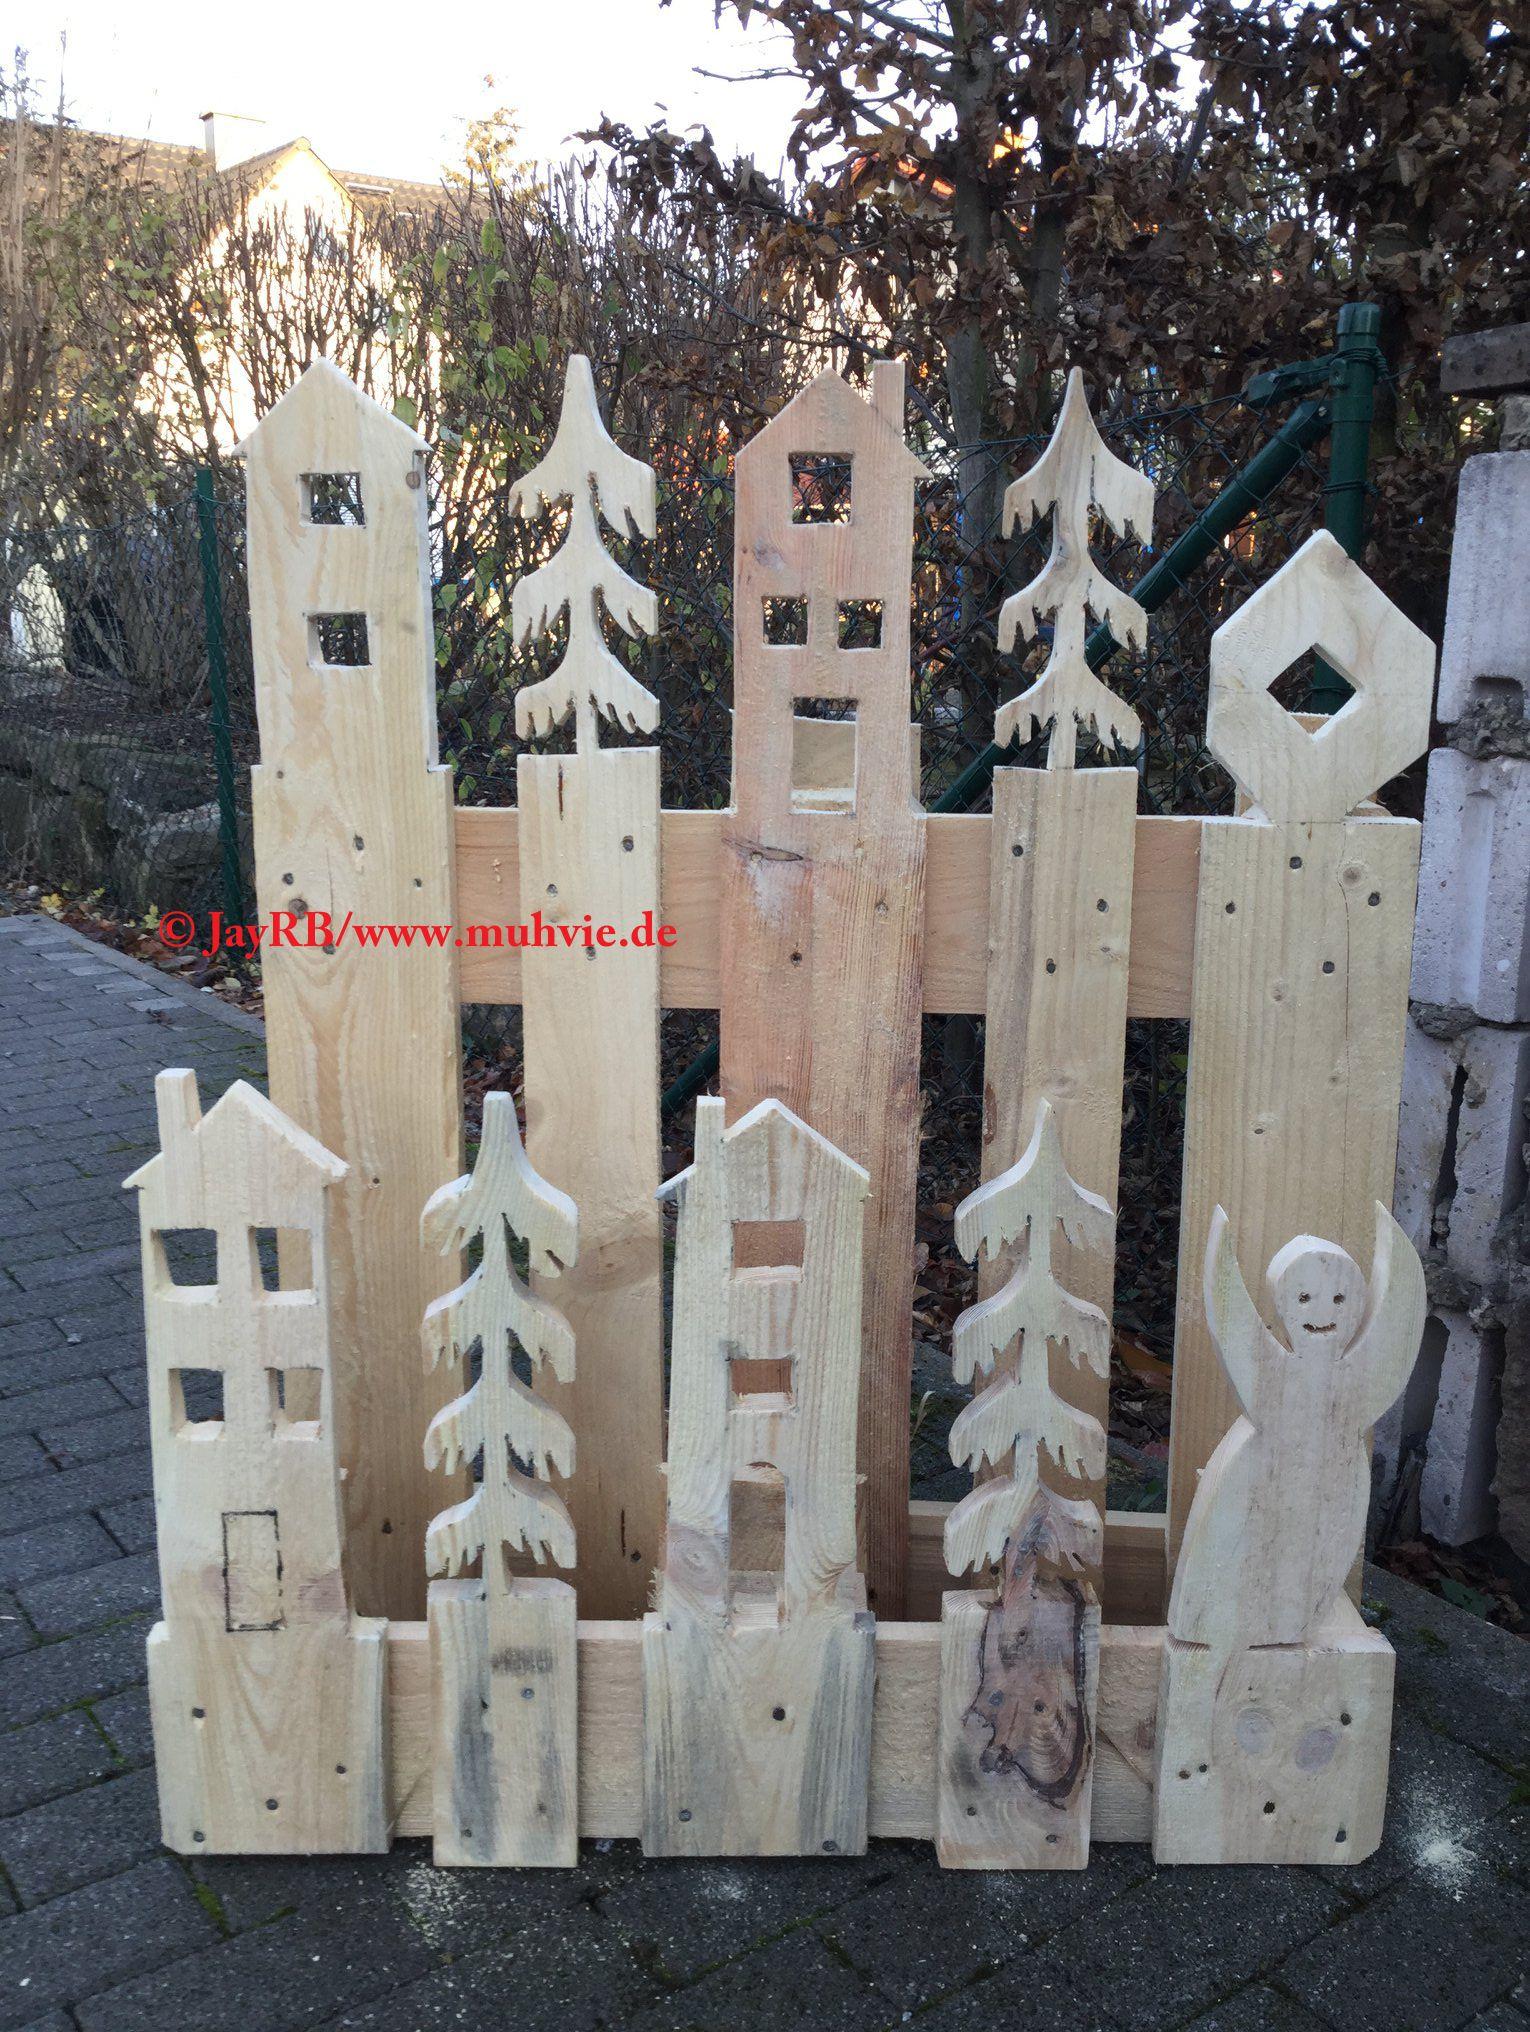 #Paletten #Upcycling mal anders :-) Keine #Möbel, sondern eine #DIY #Deko zu #Weihnachten. Es fehlt nur noch die Lichterkette und etwas Tannengrün. Anleitung im Link. #palettengarten